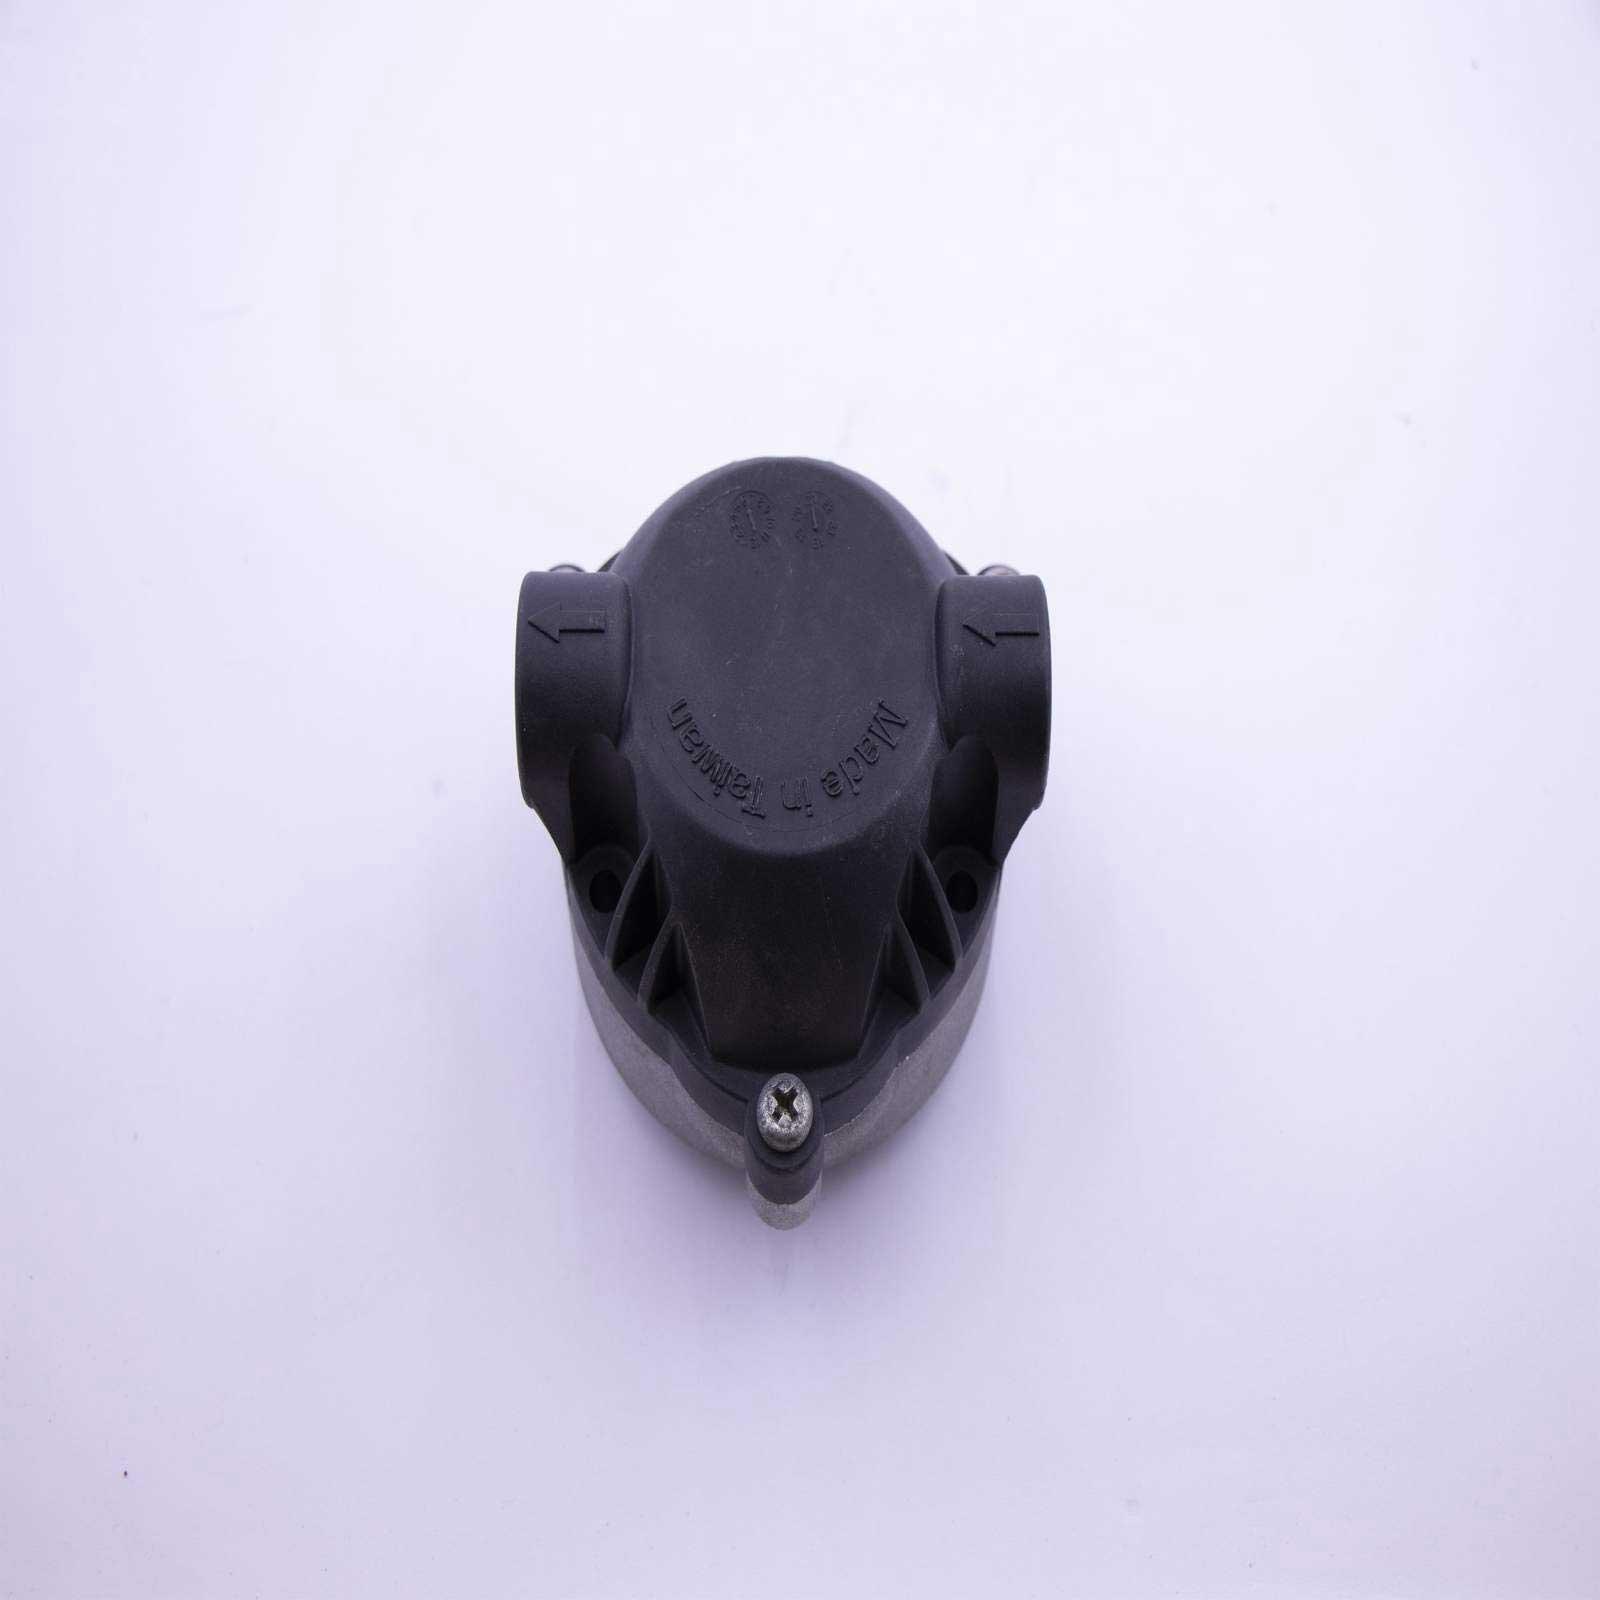 هد پمپ تصفیه کننده آب مدل 125 کد CH